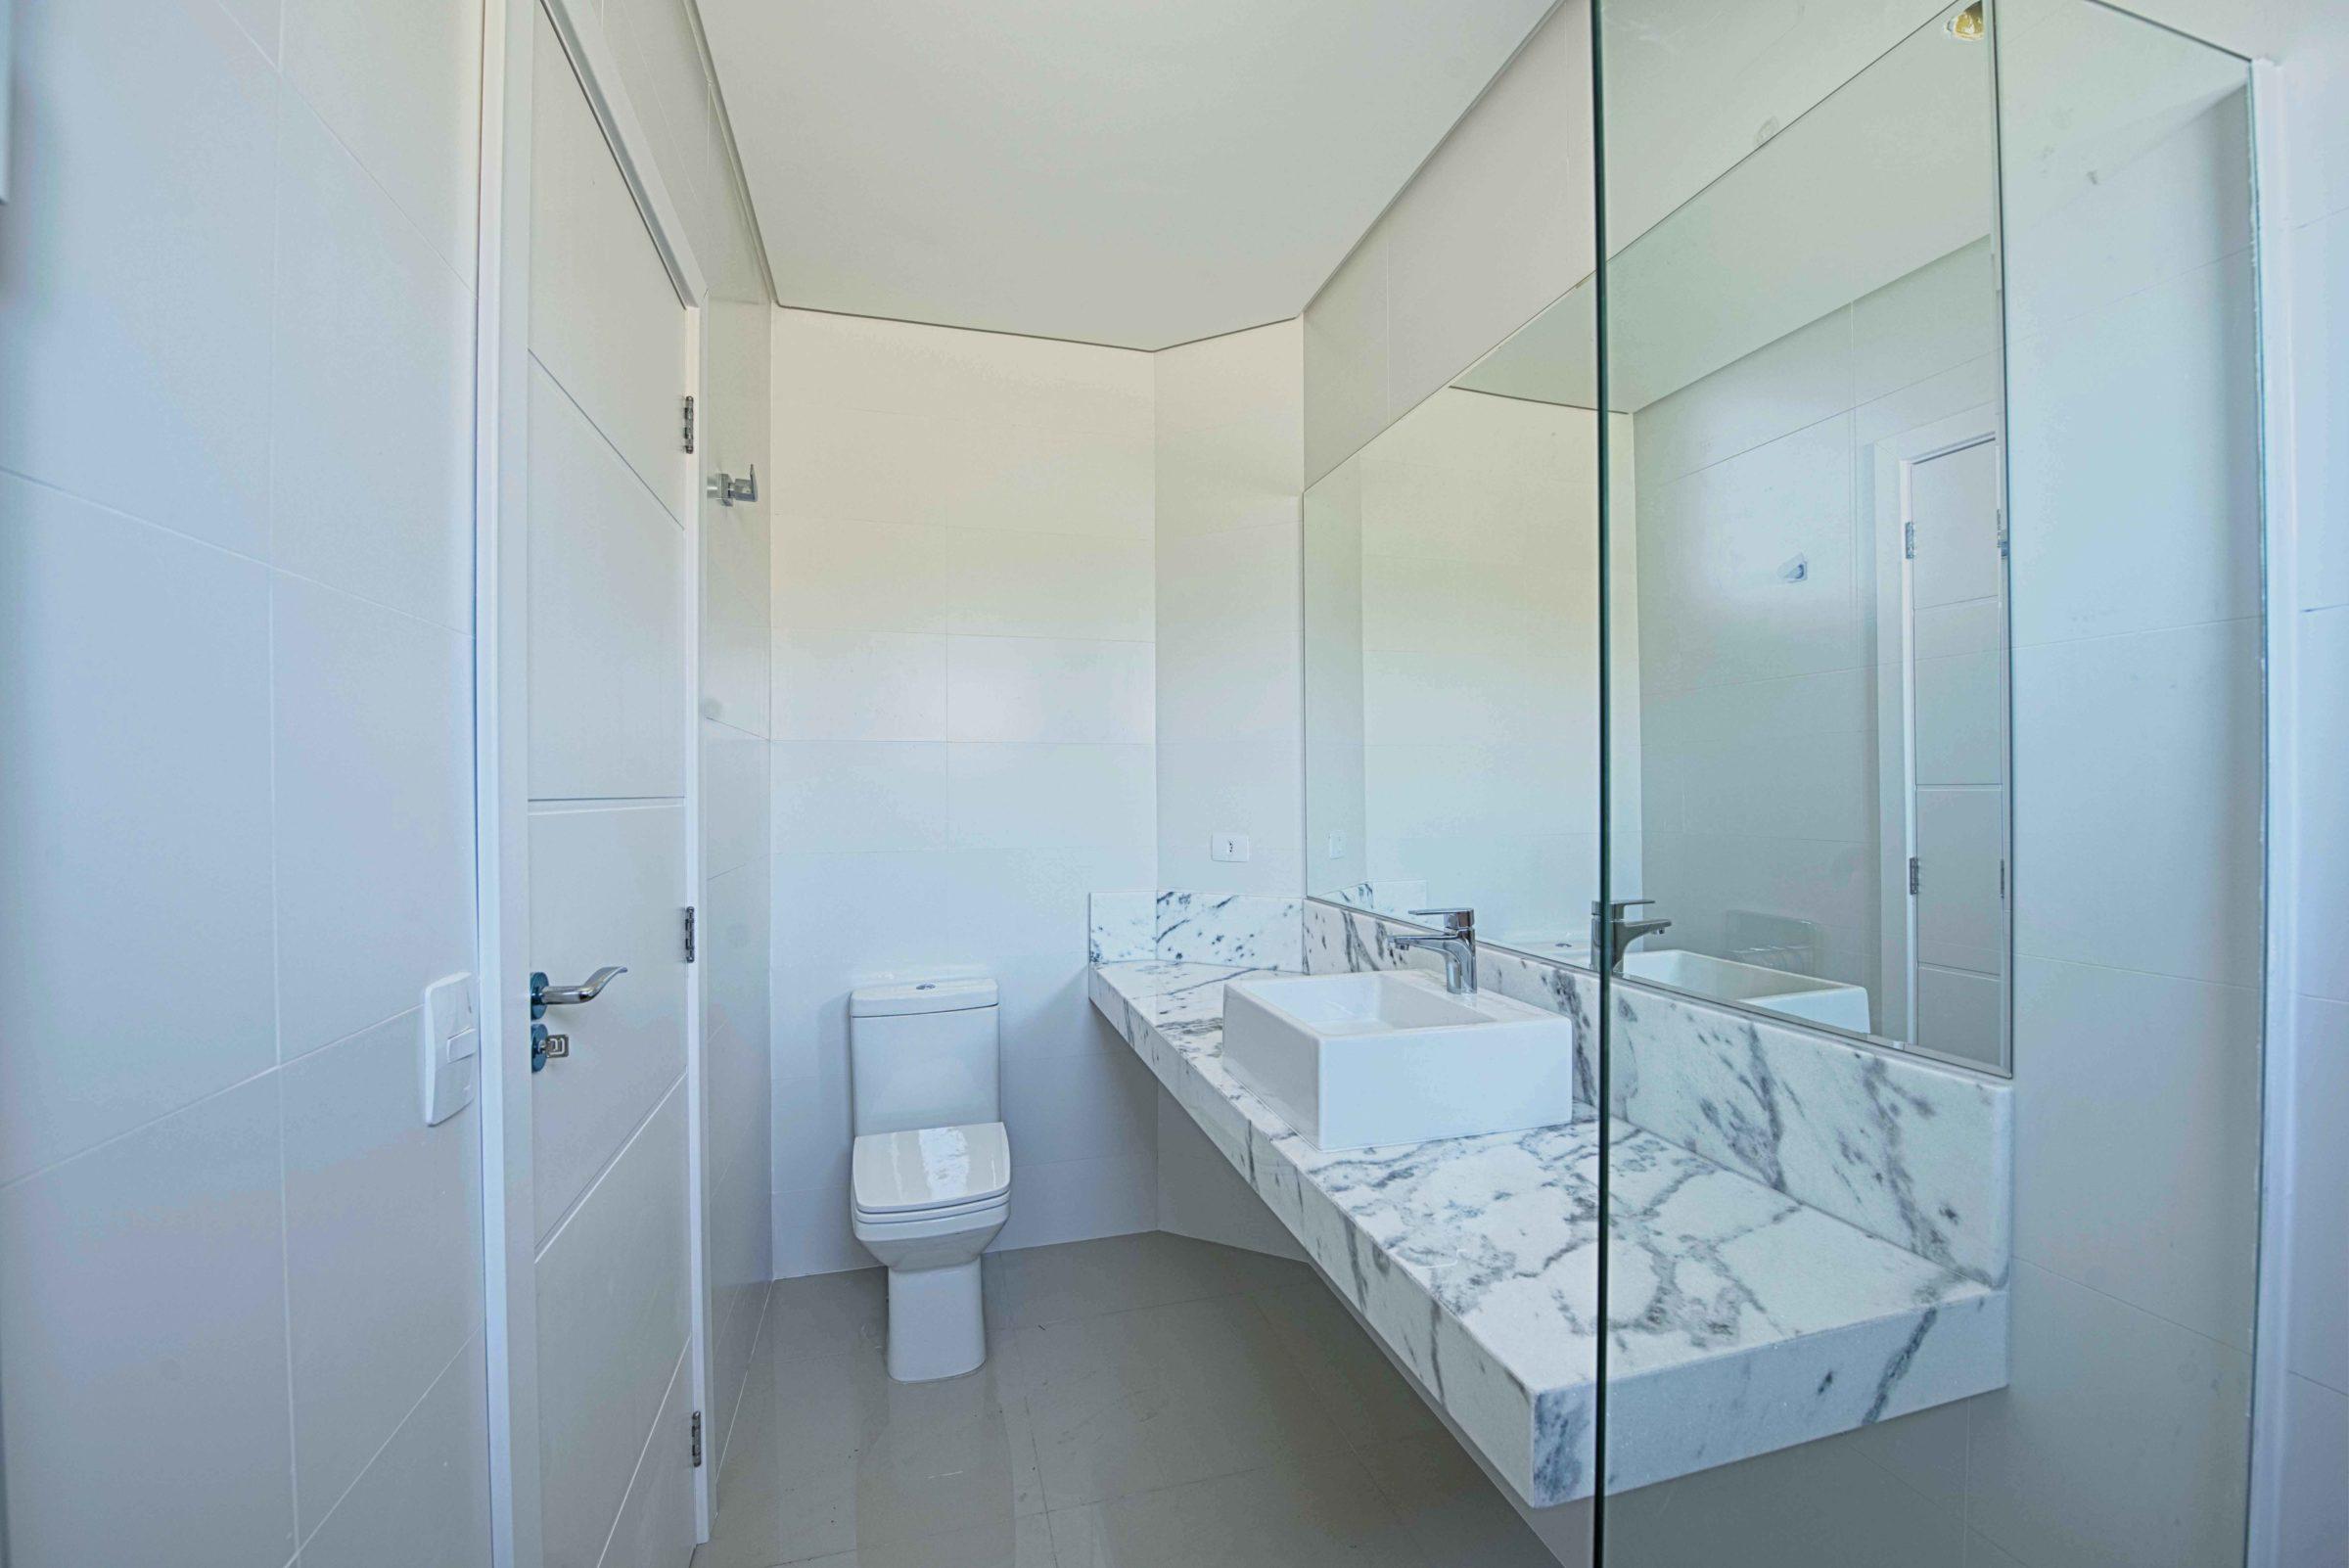 Fotos de Imóvel, Fotografia Imobiliaria interna banheiro wc